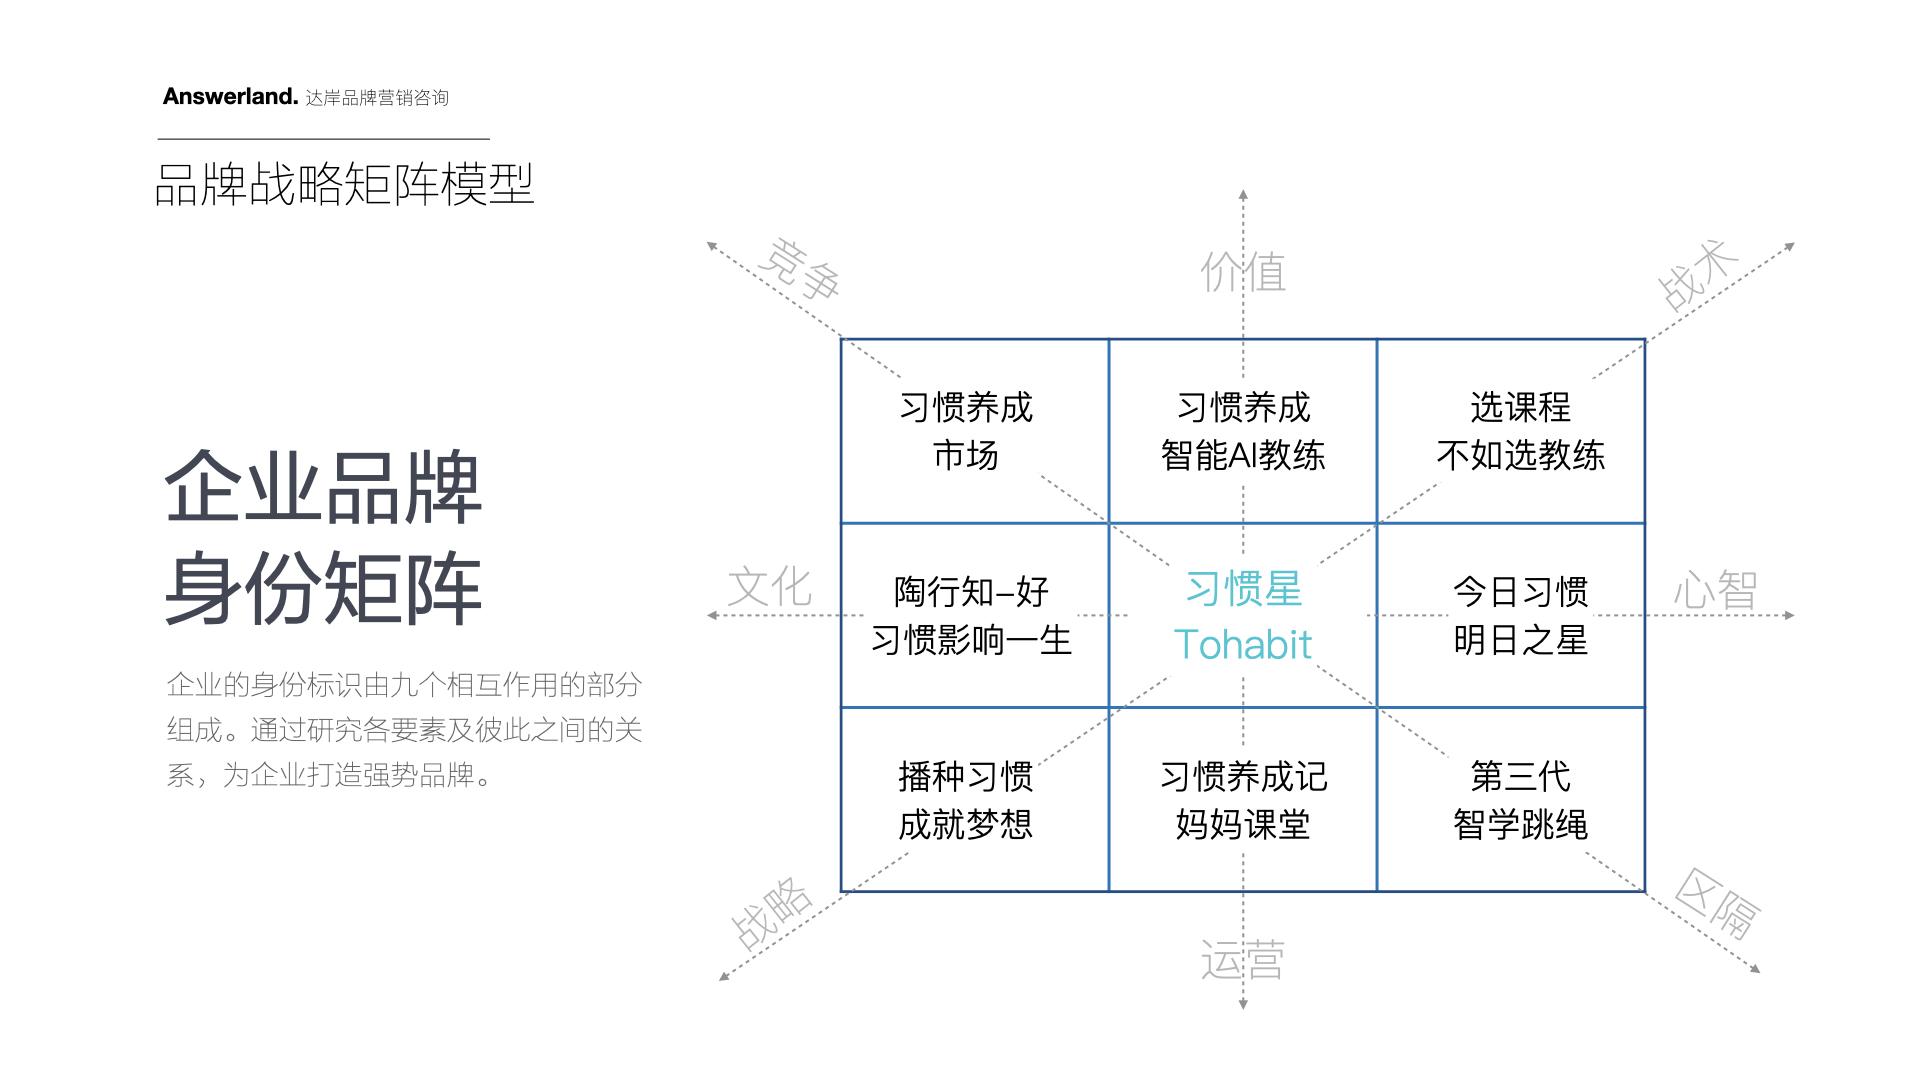 【公司-企业介绍】达岸品牌营销机构20200526.033